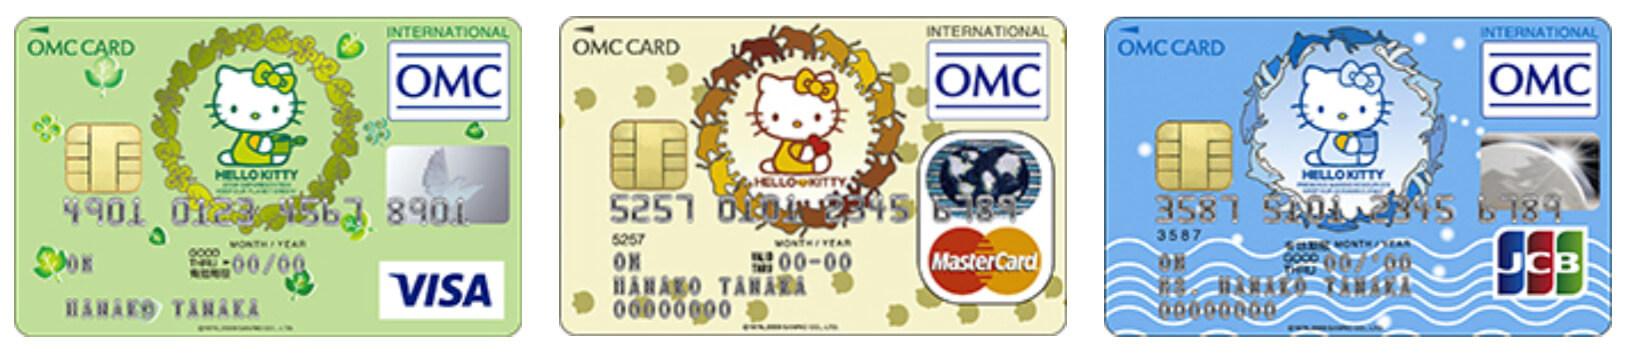 OMCカード ハローキティ3種の券面デザイン